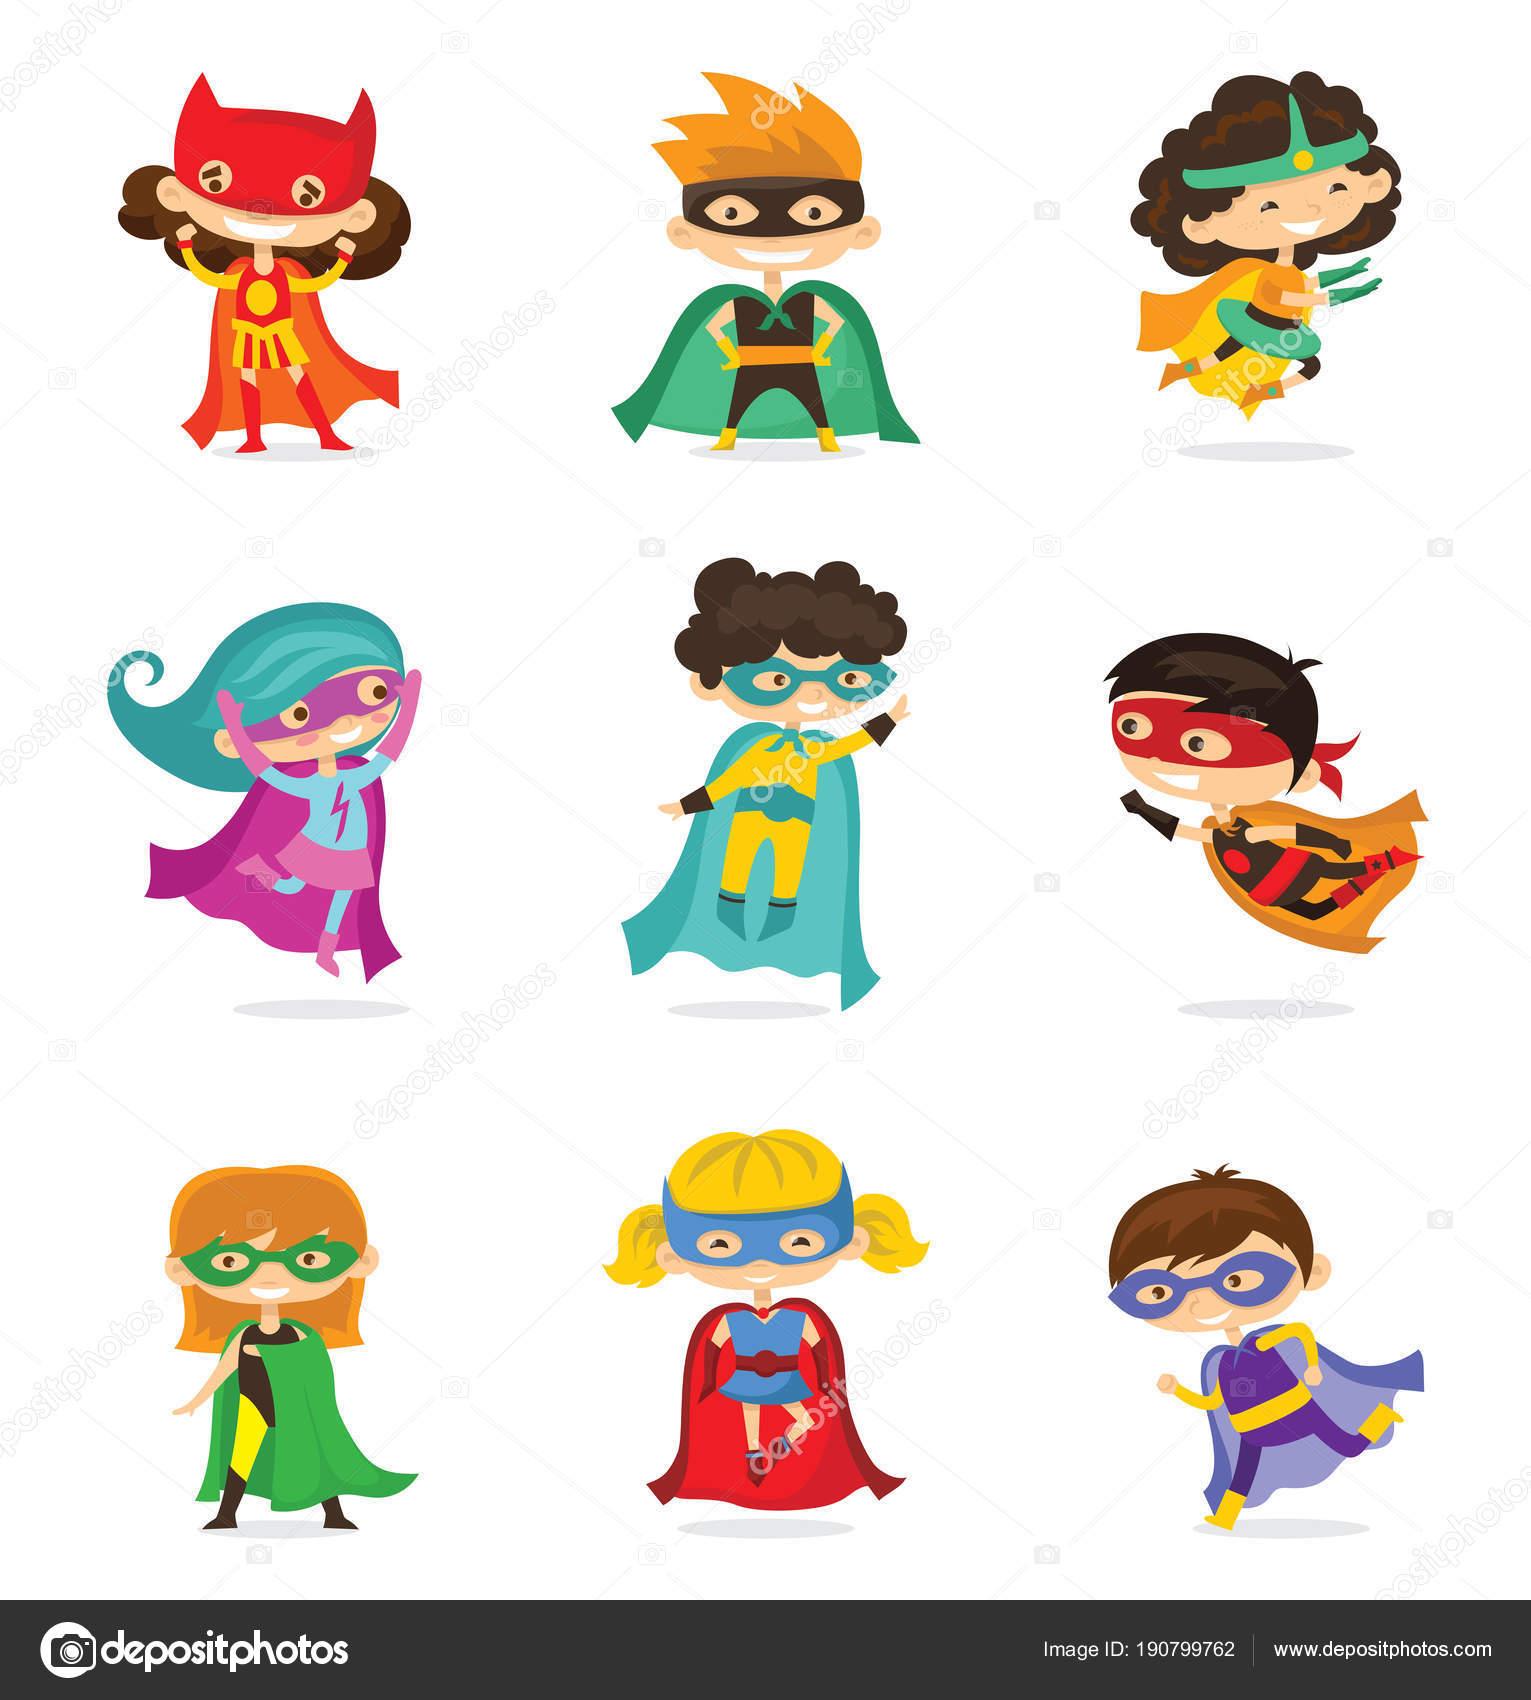 Ilustración Vector Dibujos Animados Superheroes Los Niños Con ...